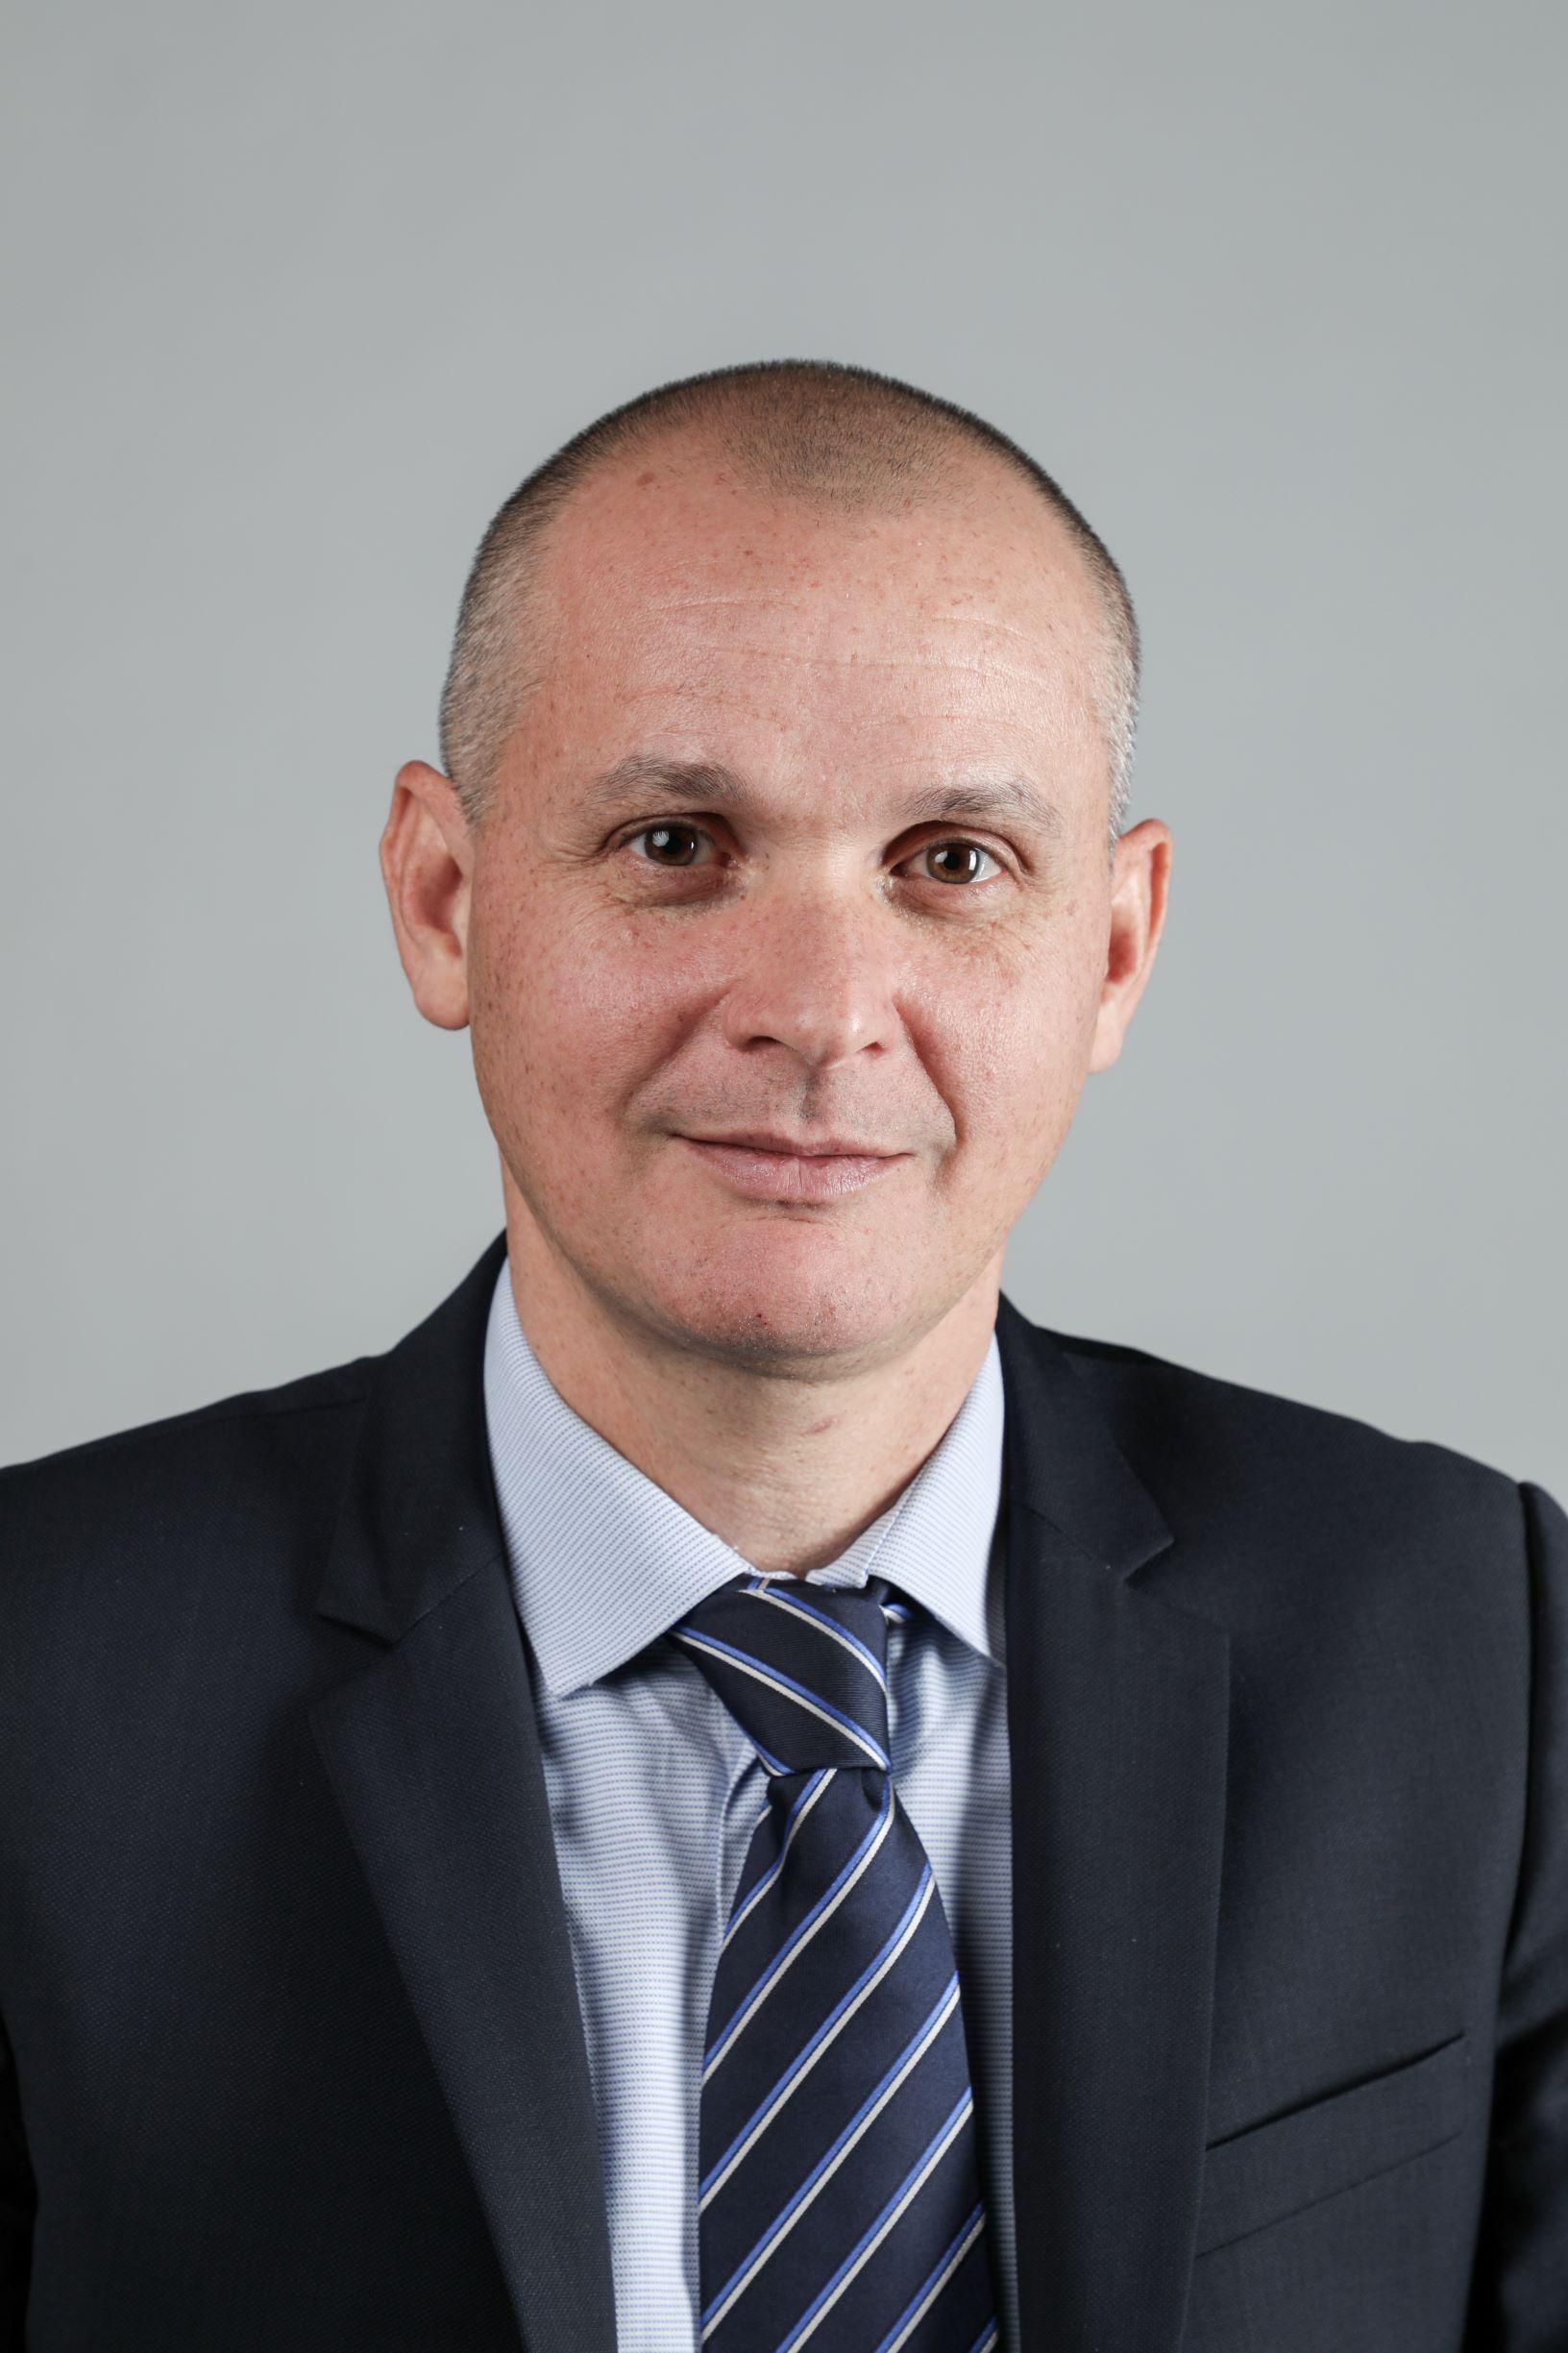 Jean-François Molinari